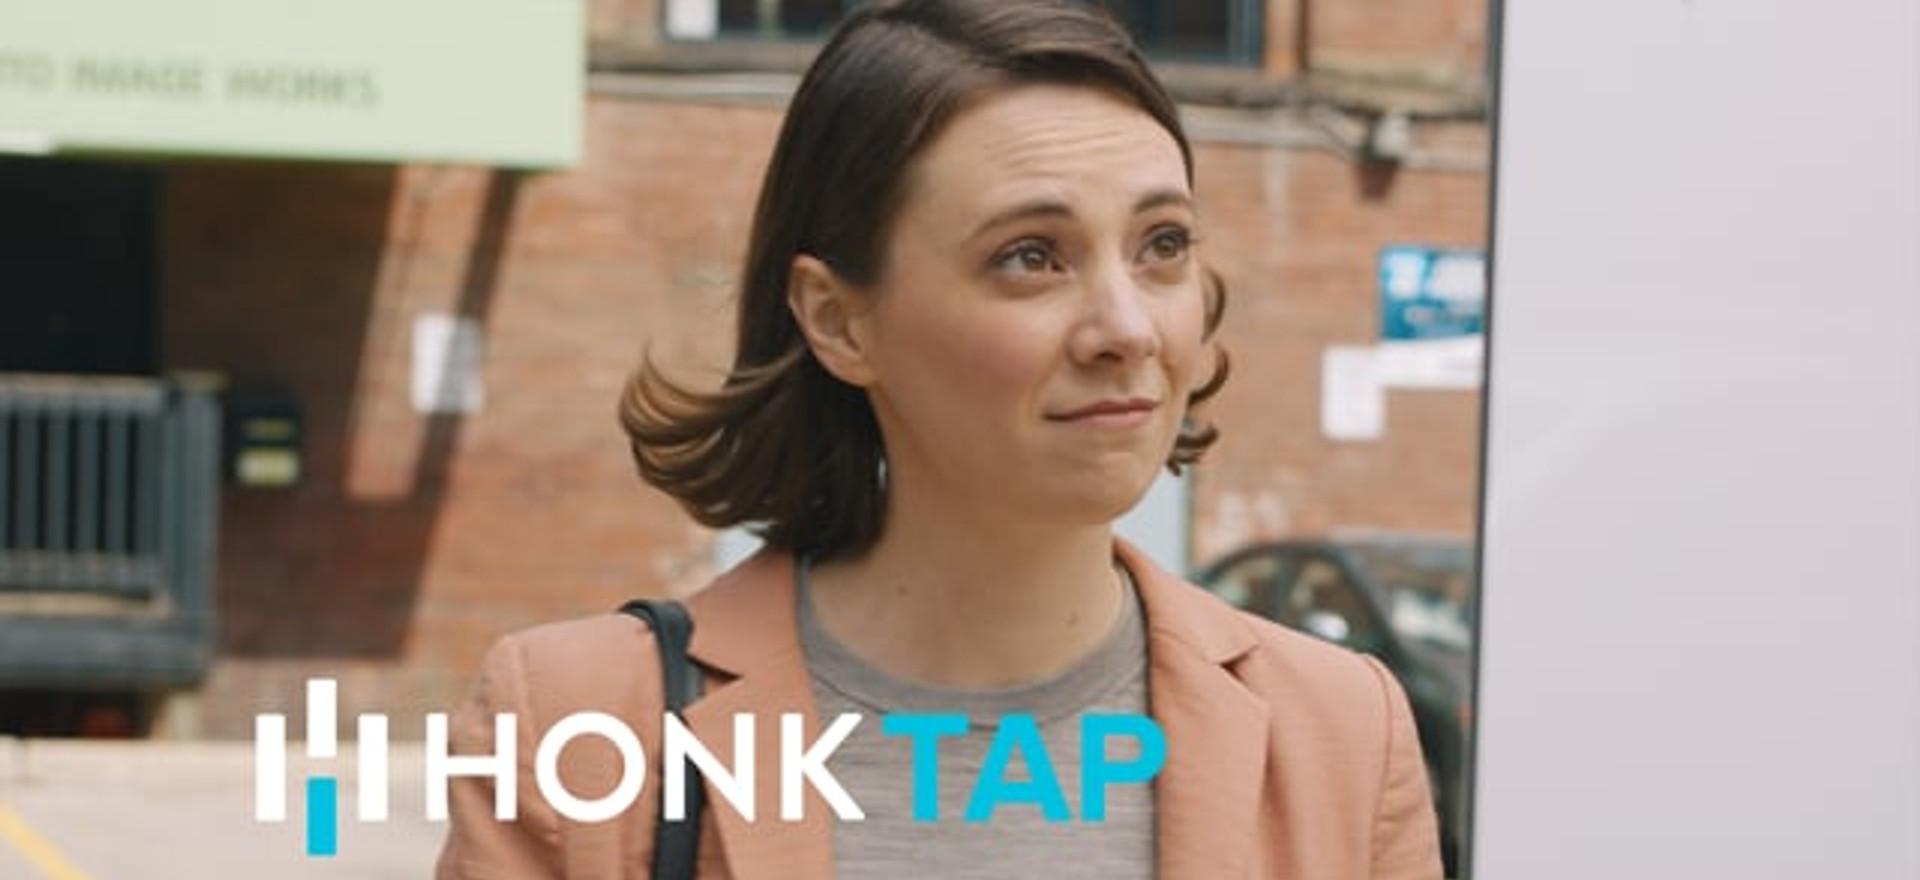 """HonkTAP / """"Introducing HonkTAP"""""""